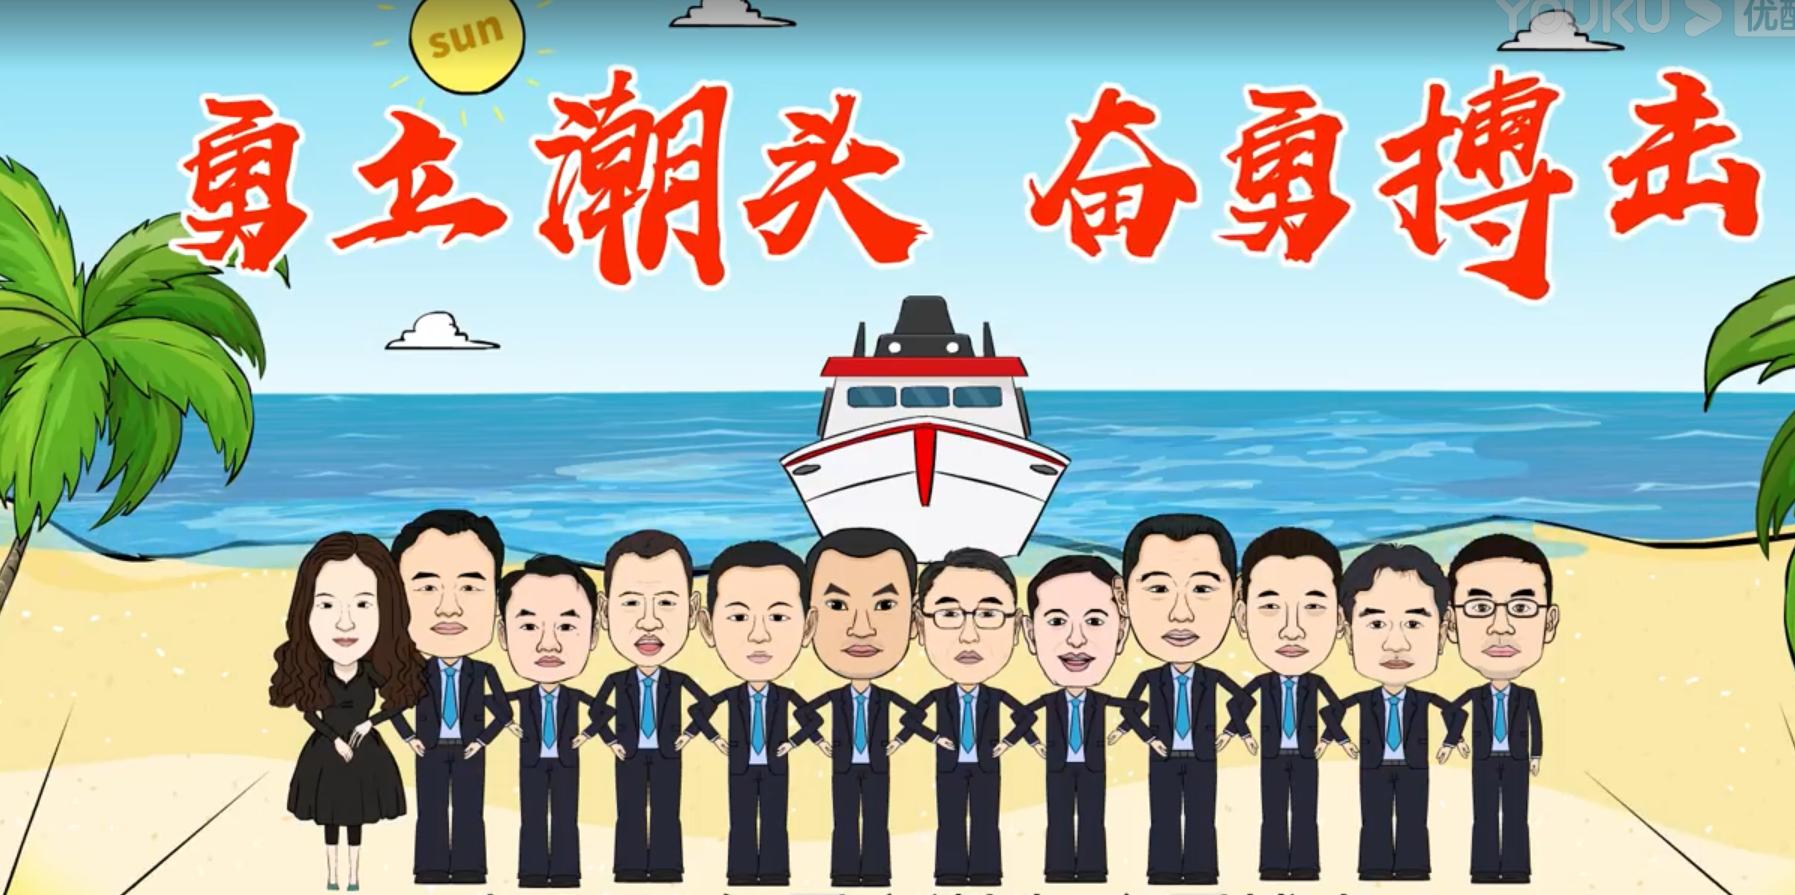 协鑫集成年度汇报动画